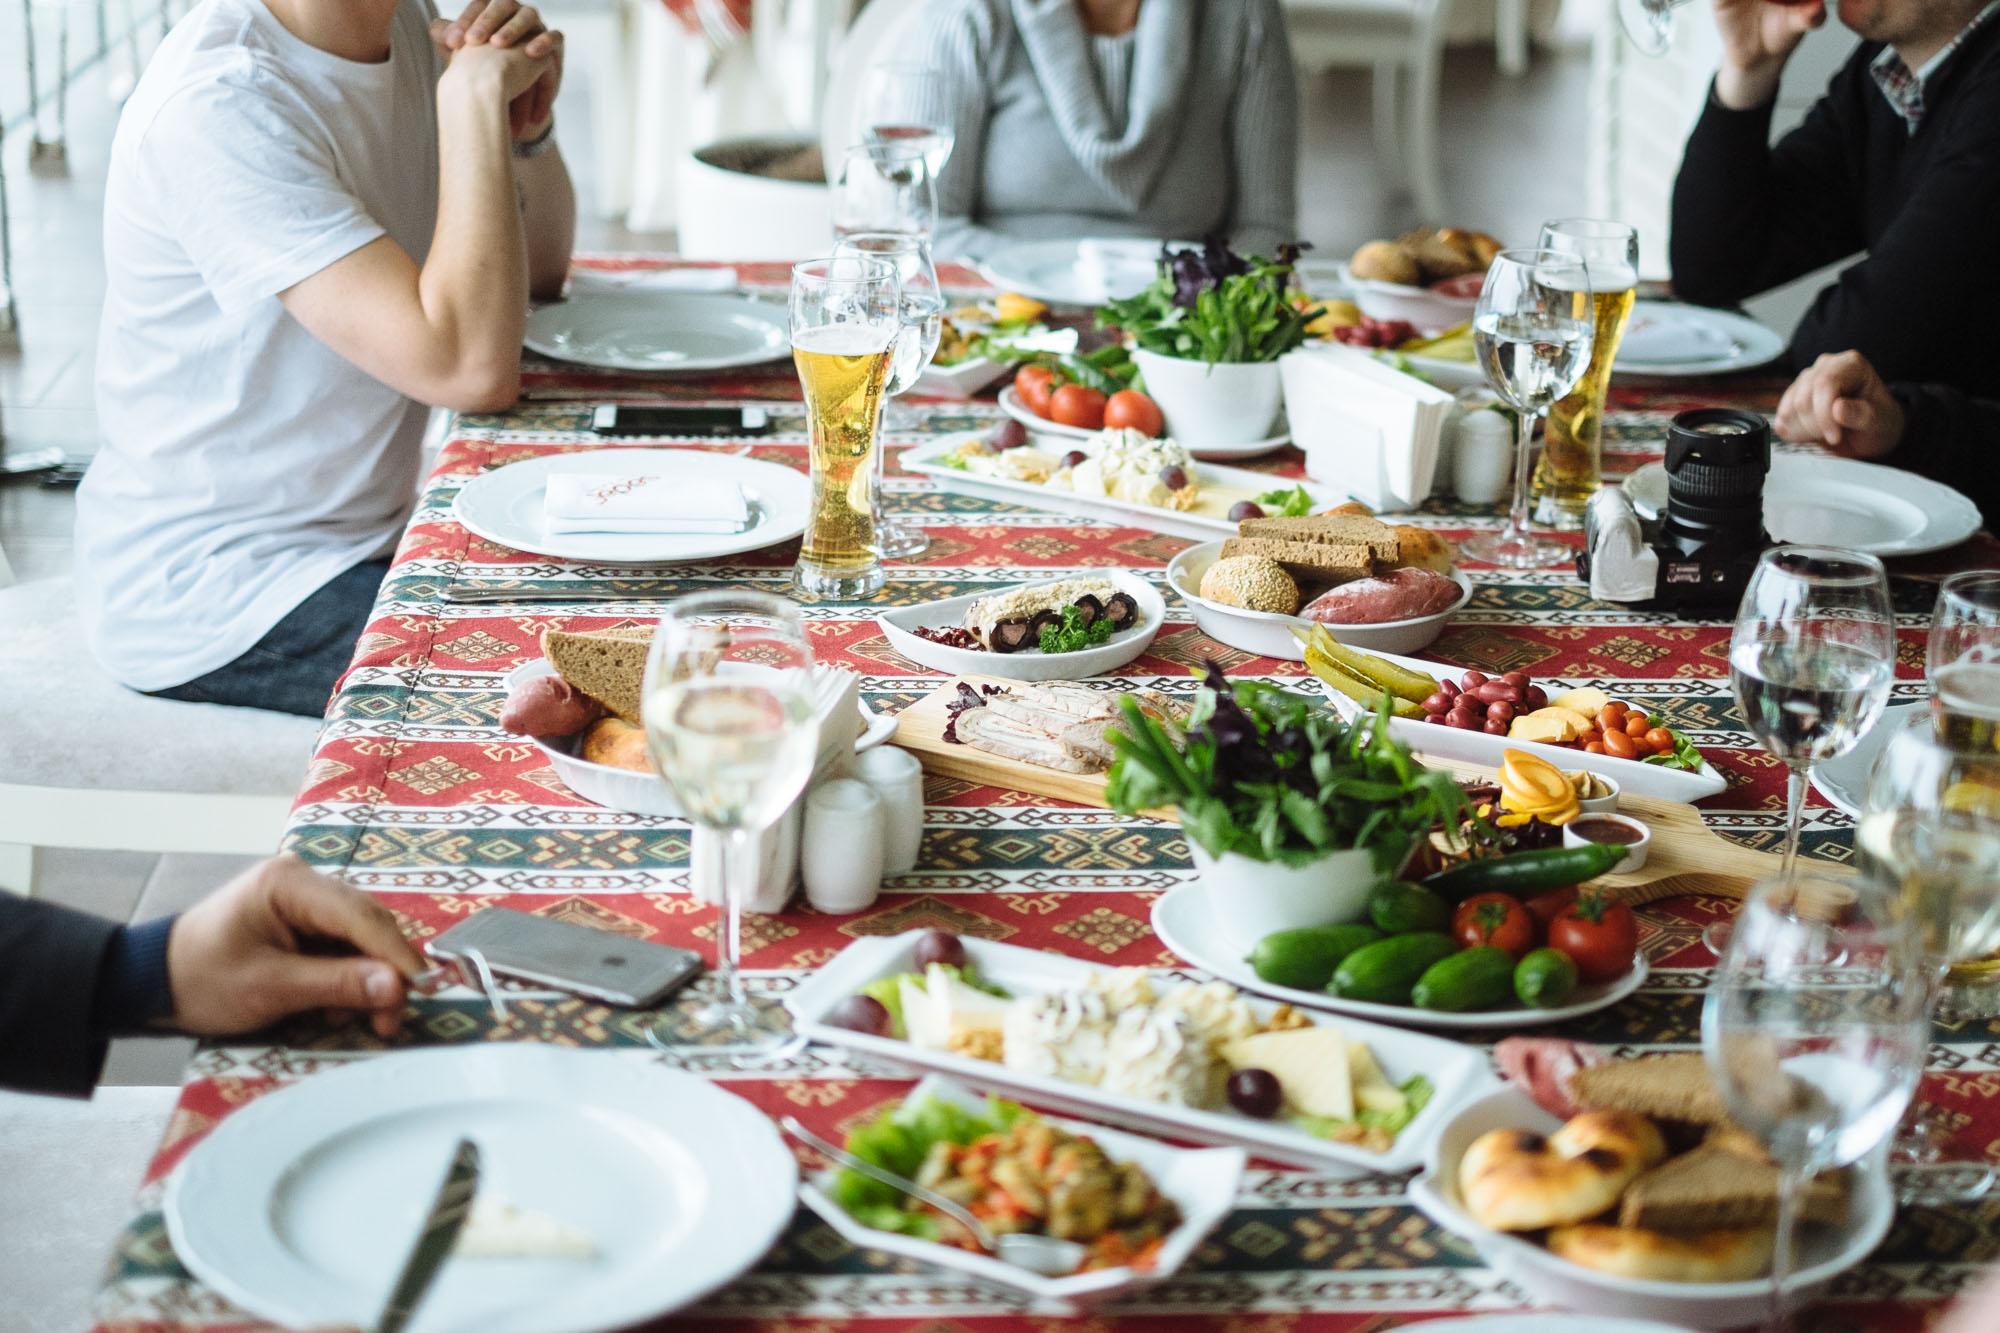 الاكلات المتميزه في اذربيجان | تعرف على افضل الاطباق فى اذريبجان